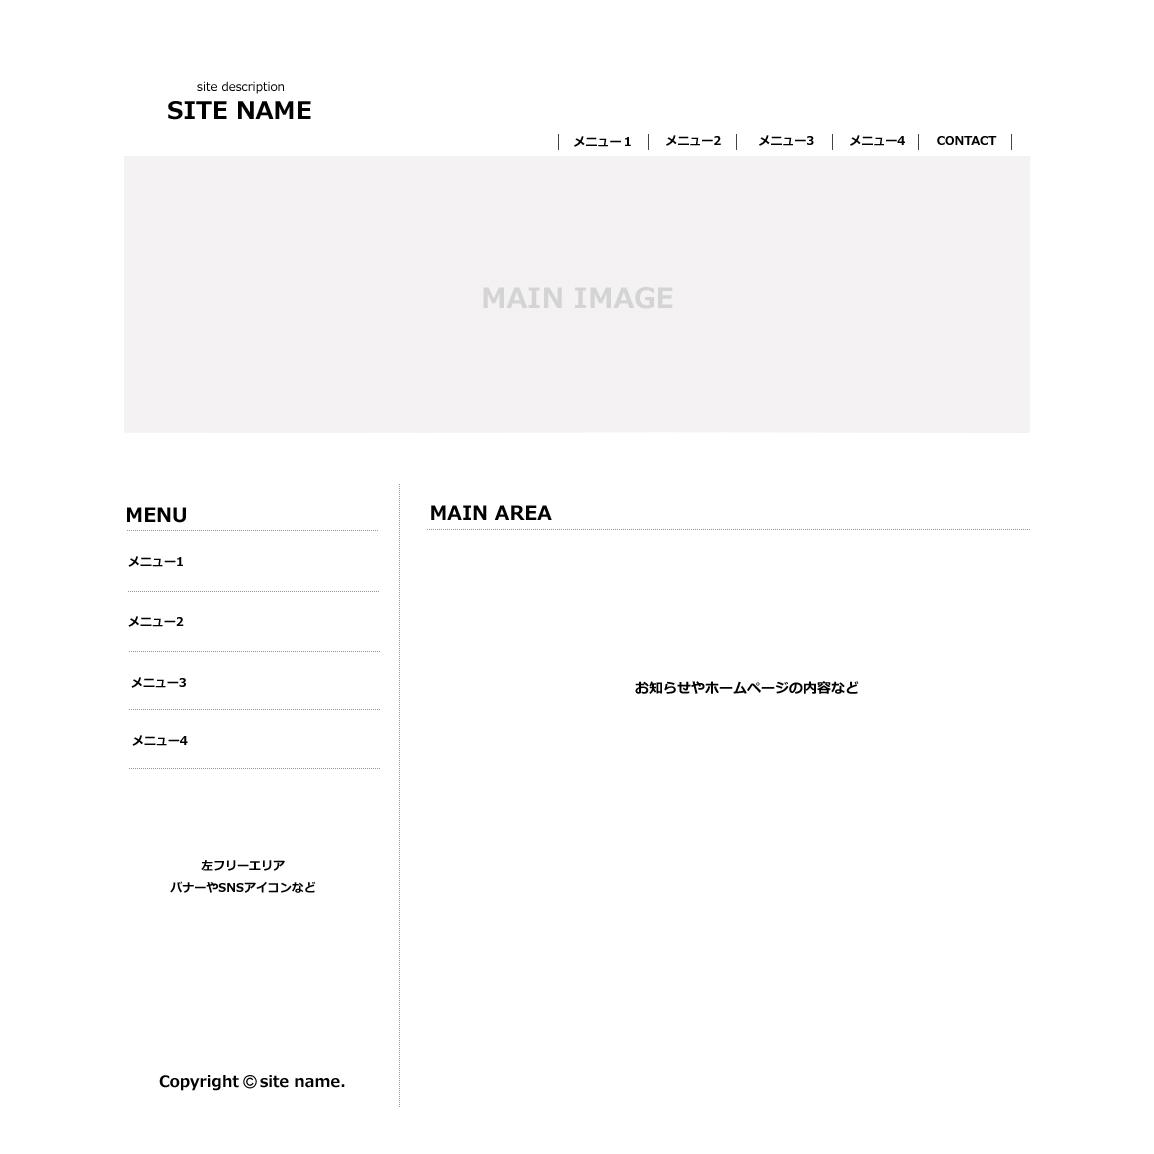 デザイン作成例 あけまる本舗 オリジナルデザインでのホームページ制作